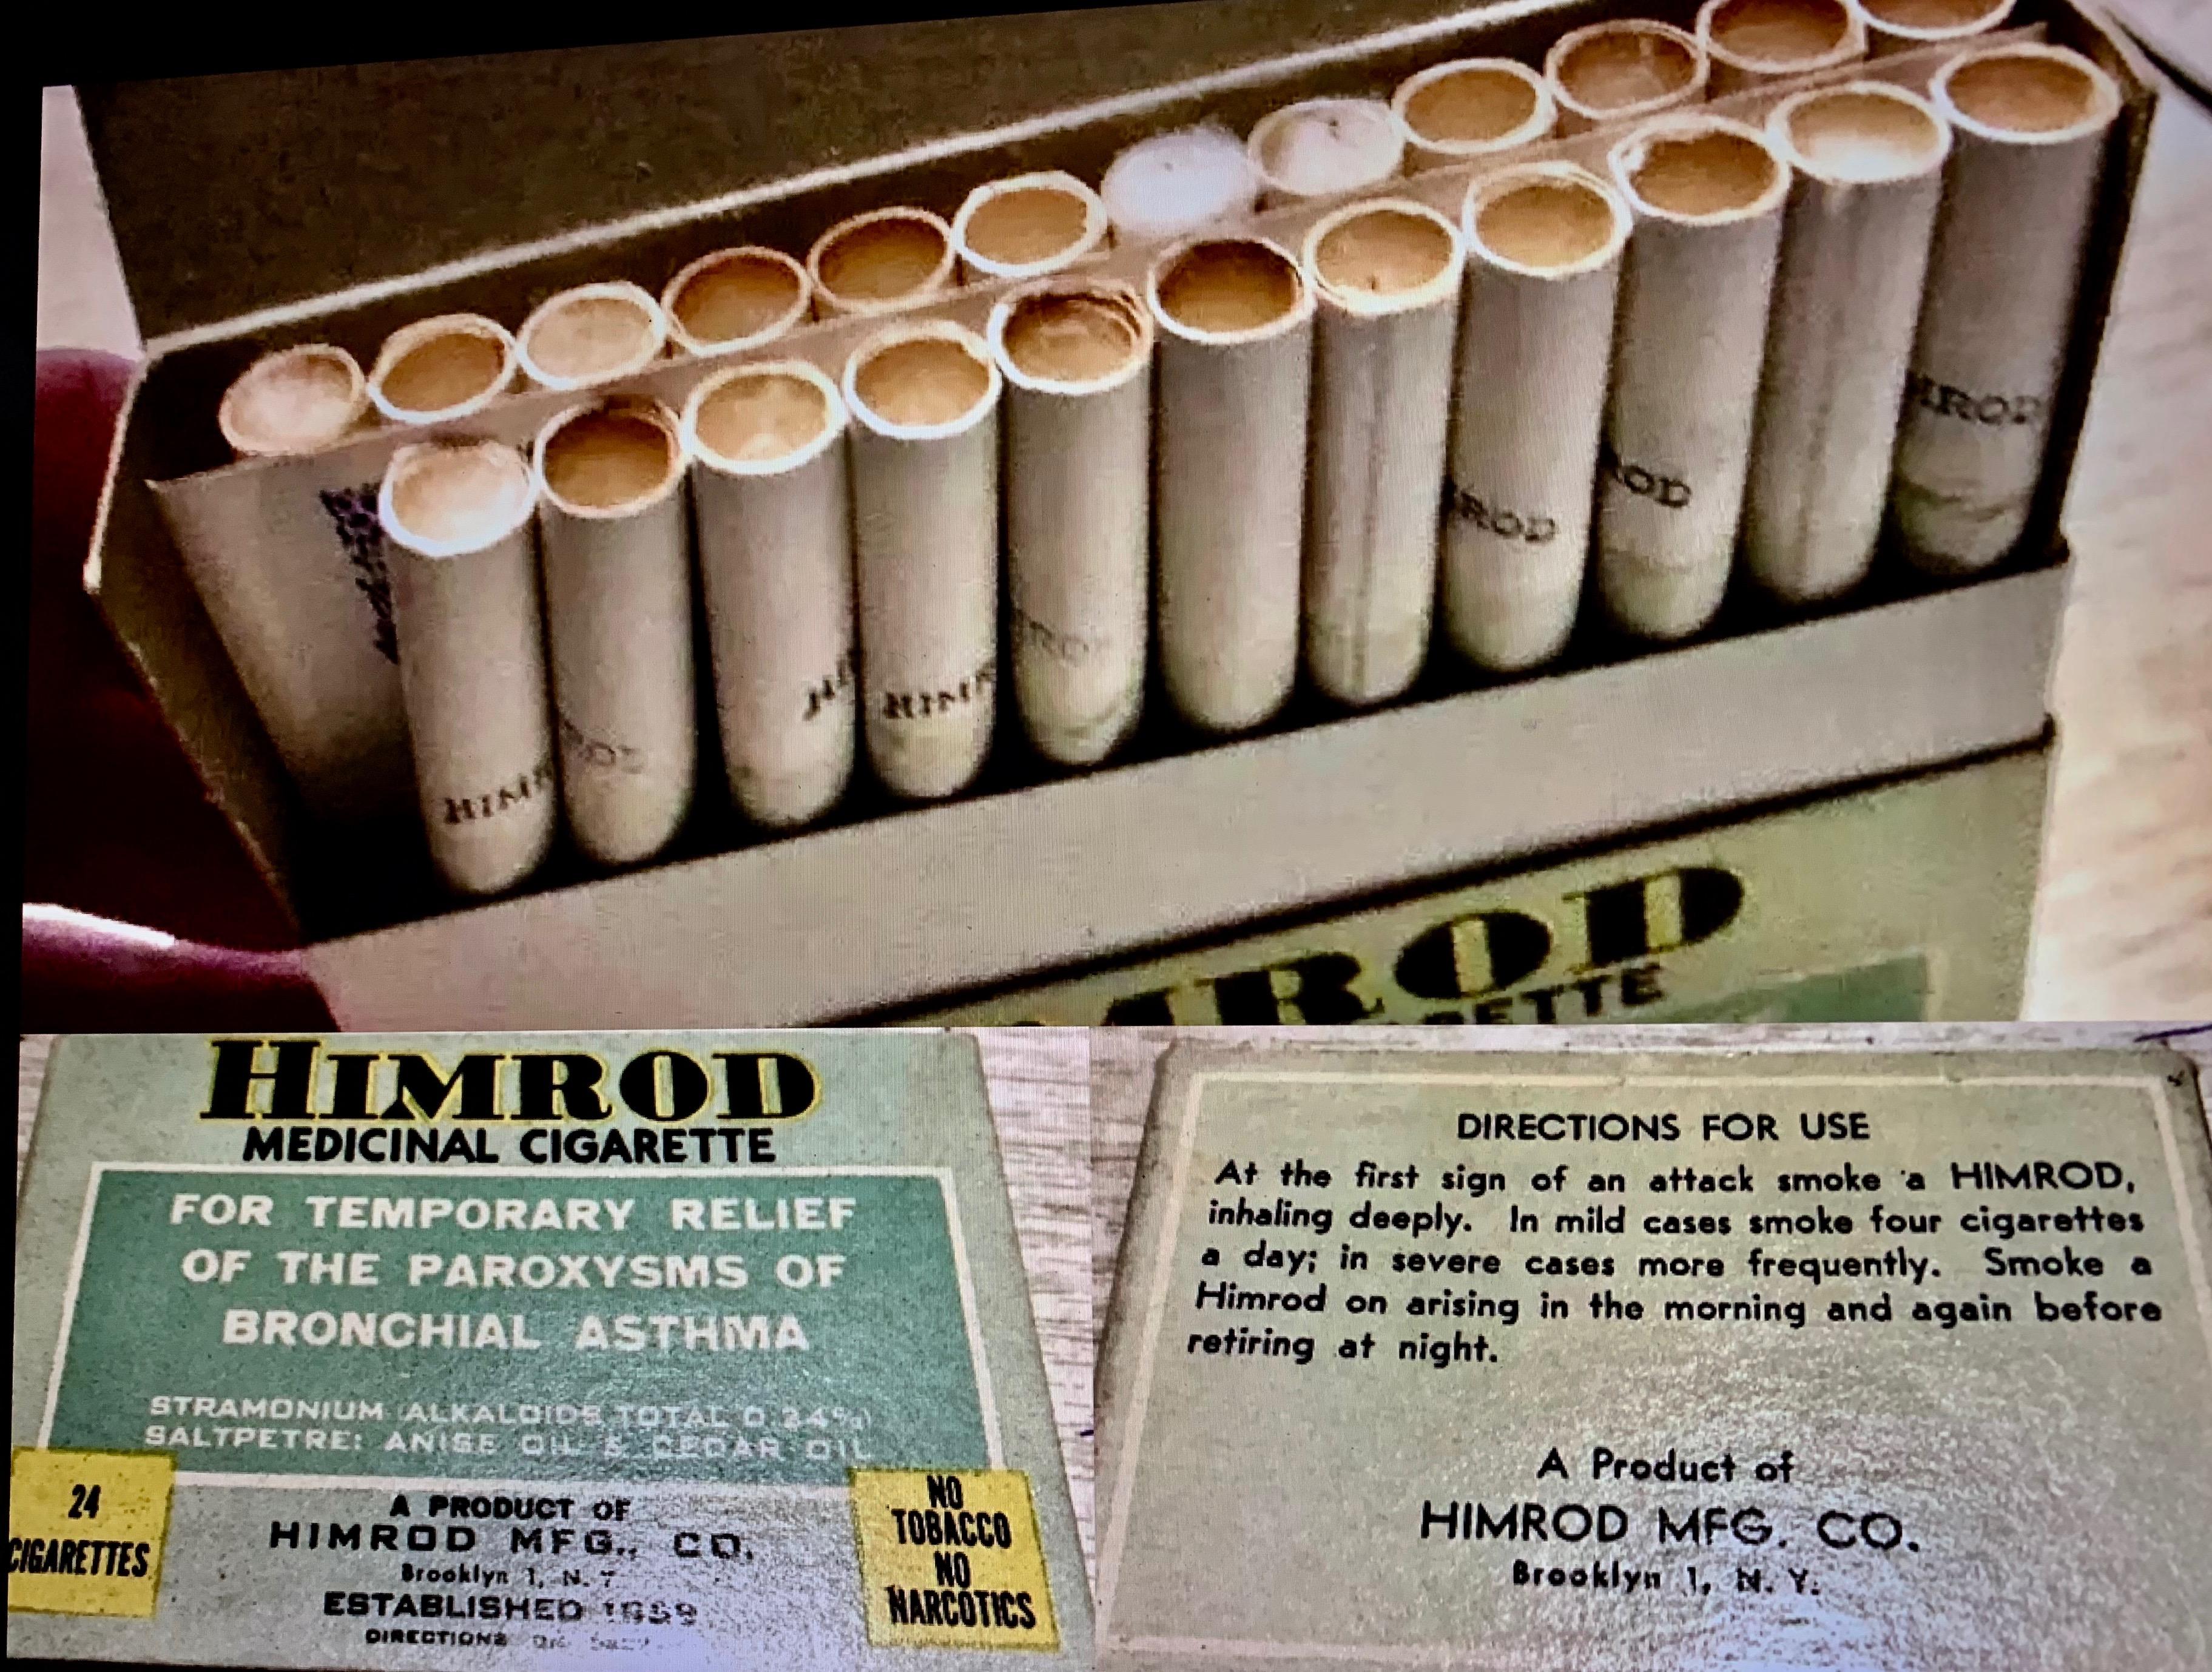 Himrod Medicinal Cigarettes